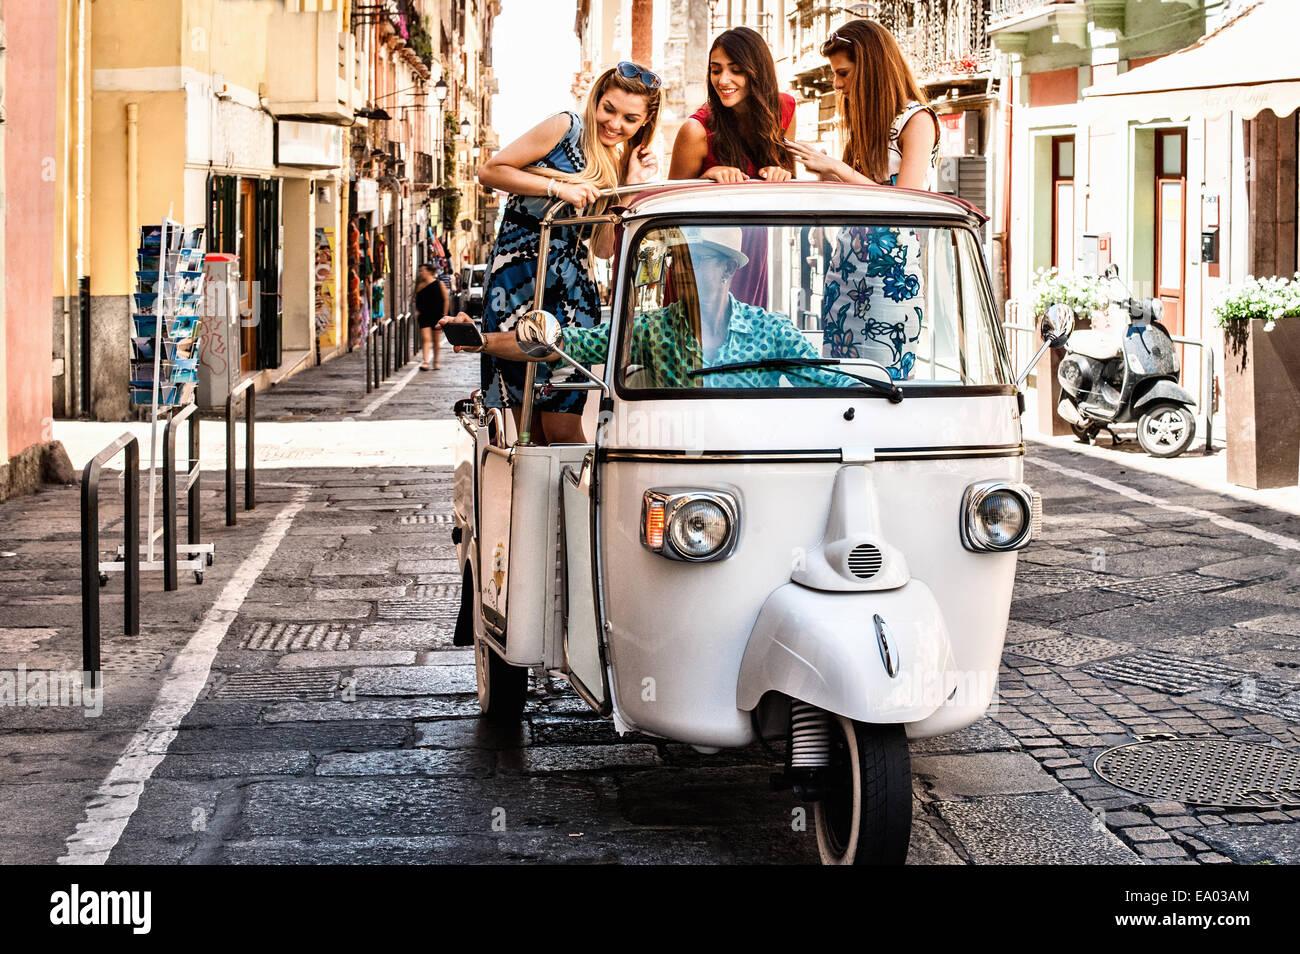 Trois jeunes femmes debout dans ouvrir siège arrière de l'Italien taxi, Cagliari, Sardaigne, Italie Banque D'Images